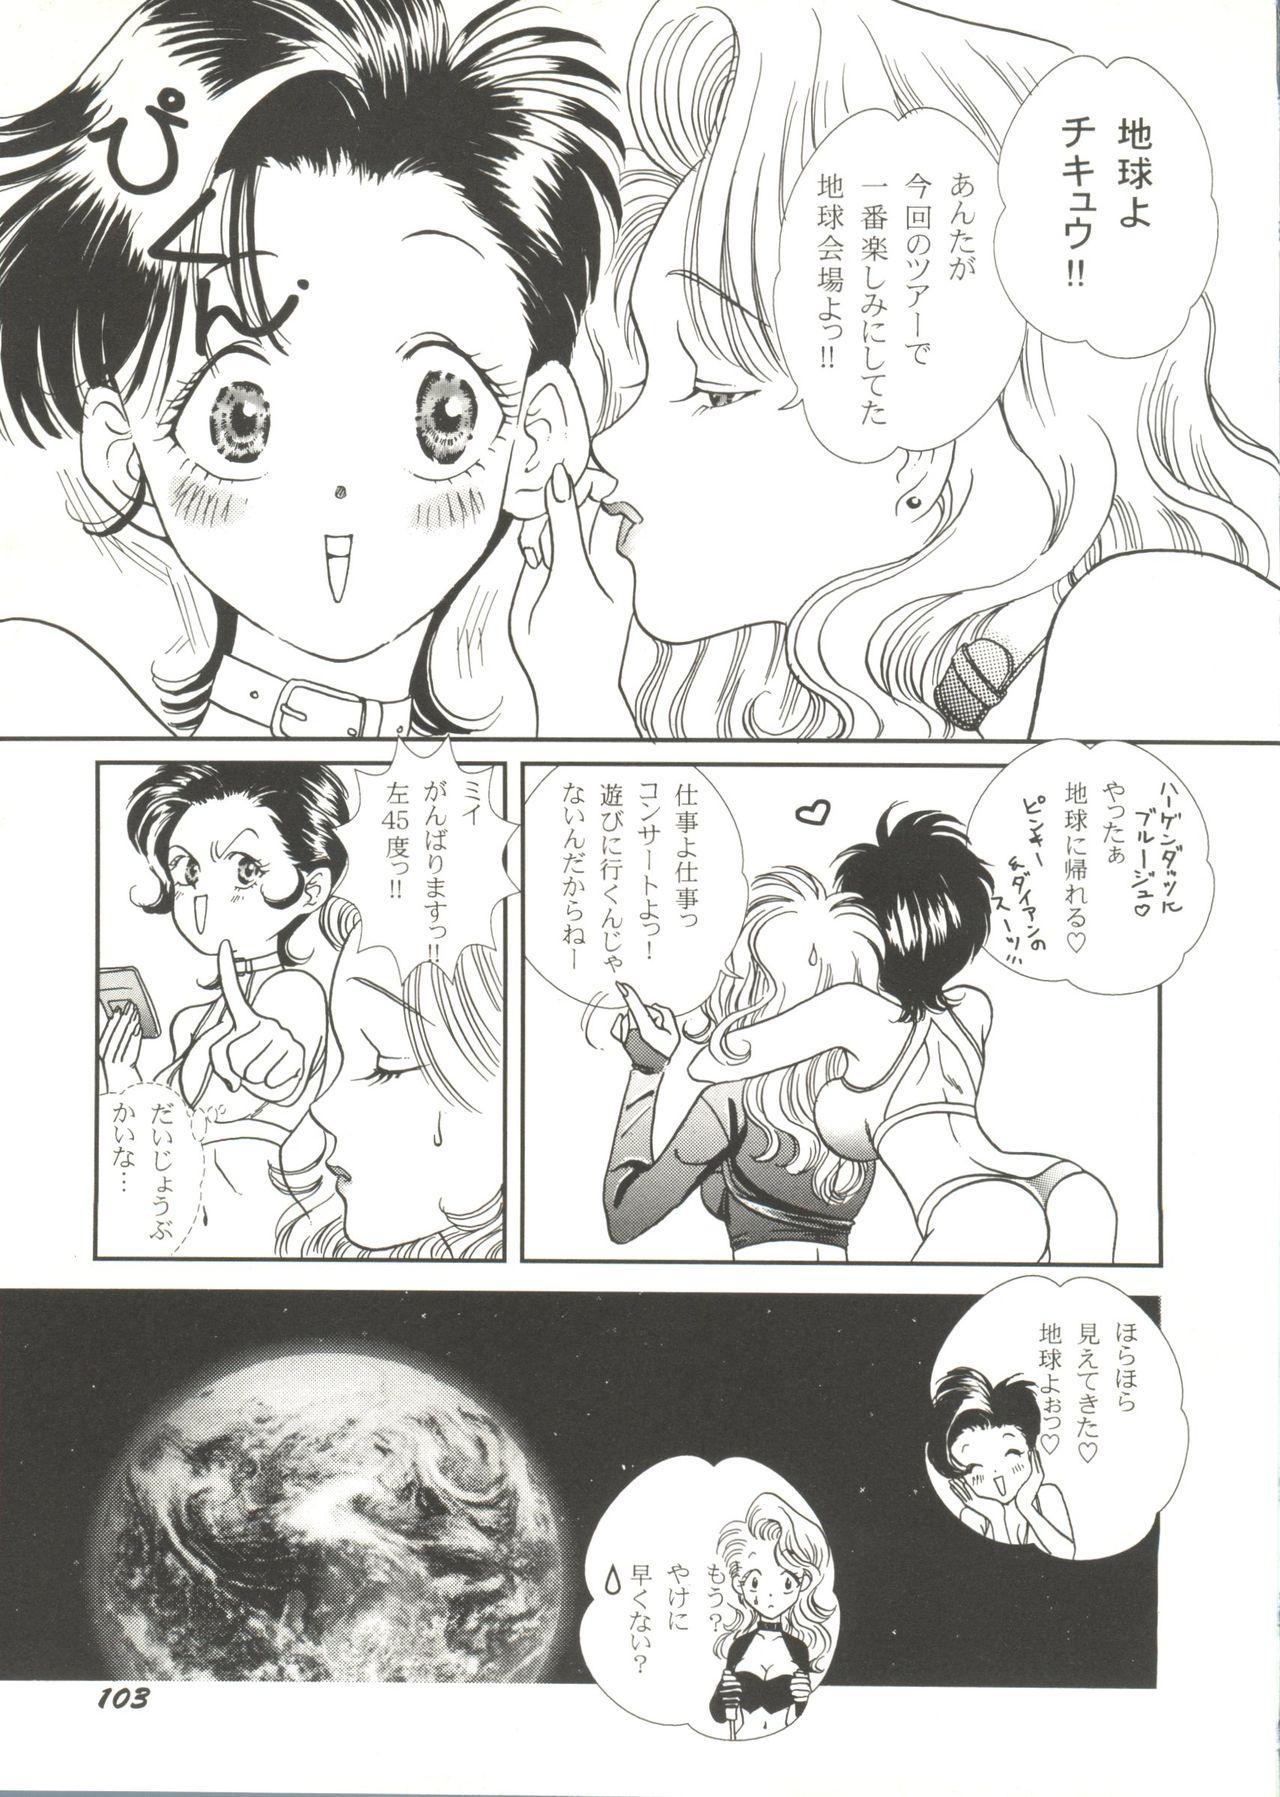 Doujin Anthology Bishoujo a La Carte 1 104